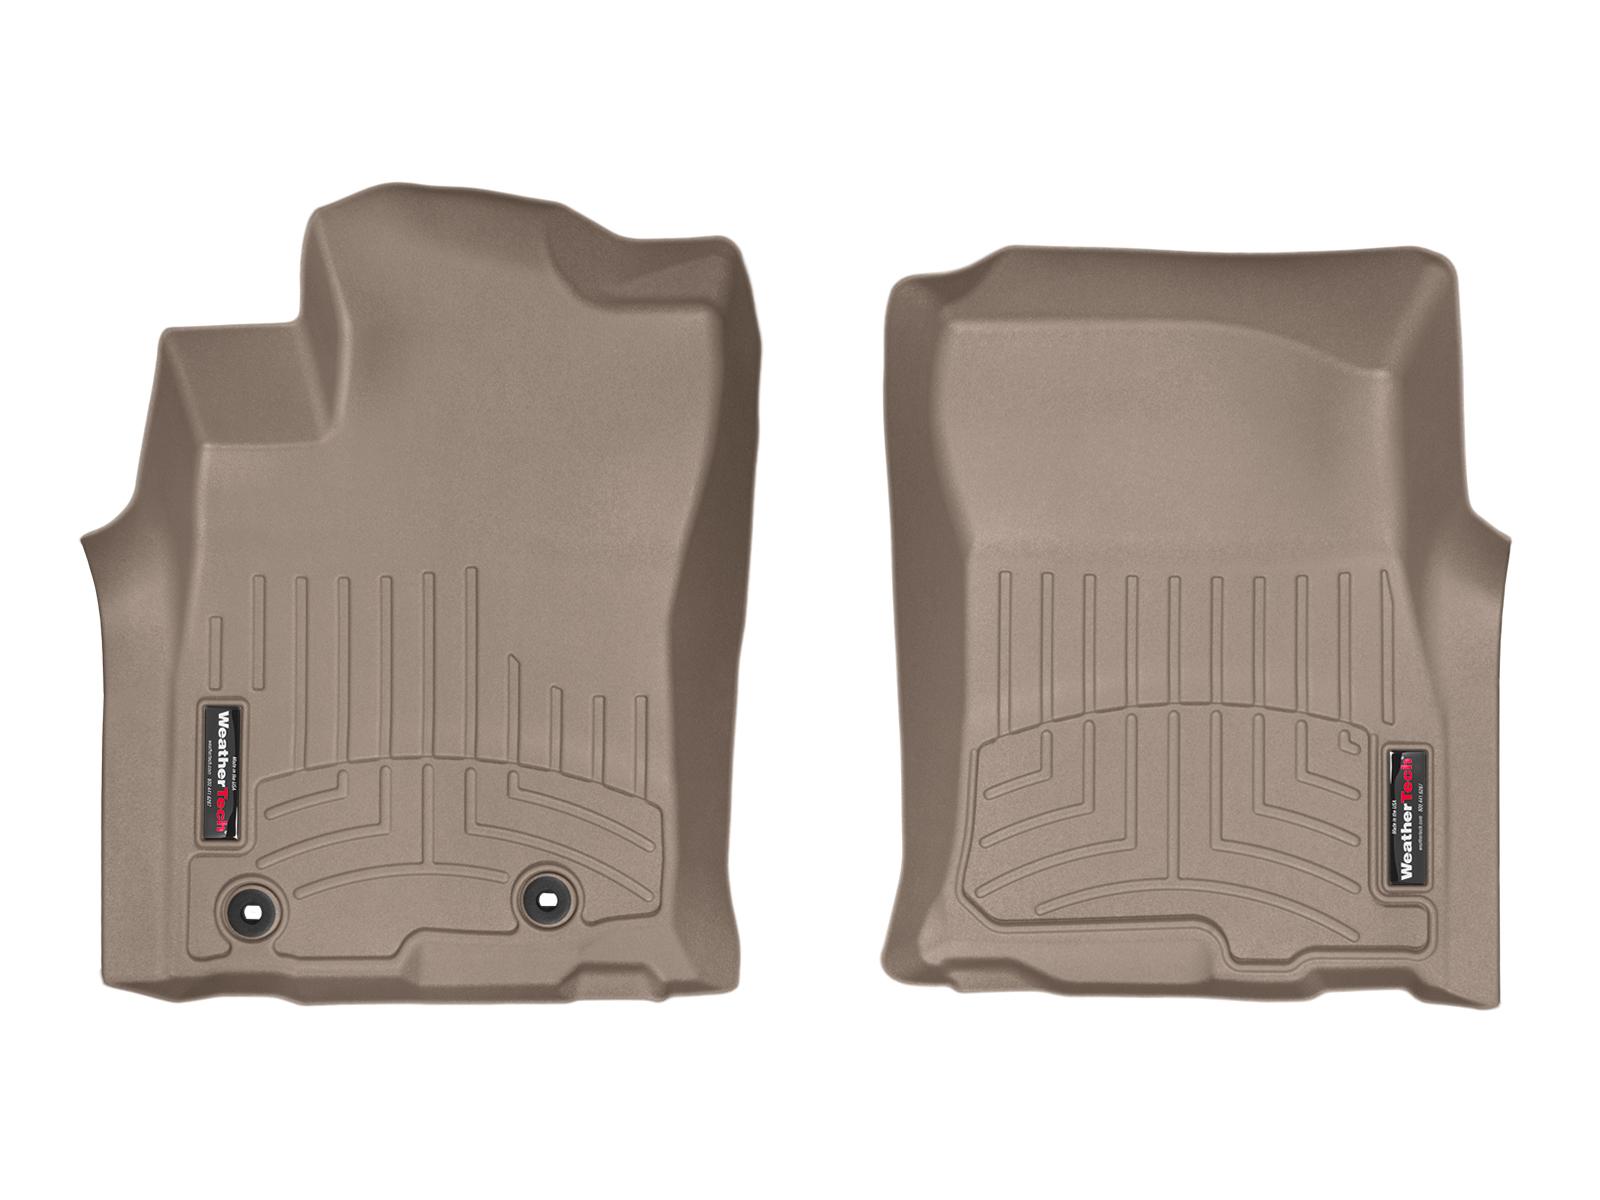 Tappeti gomma su misura bordo alto Toyota Prado 14>14 Marrone A3718*